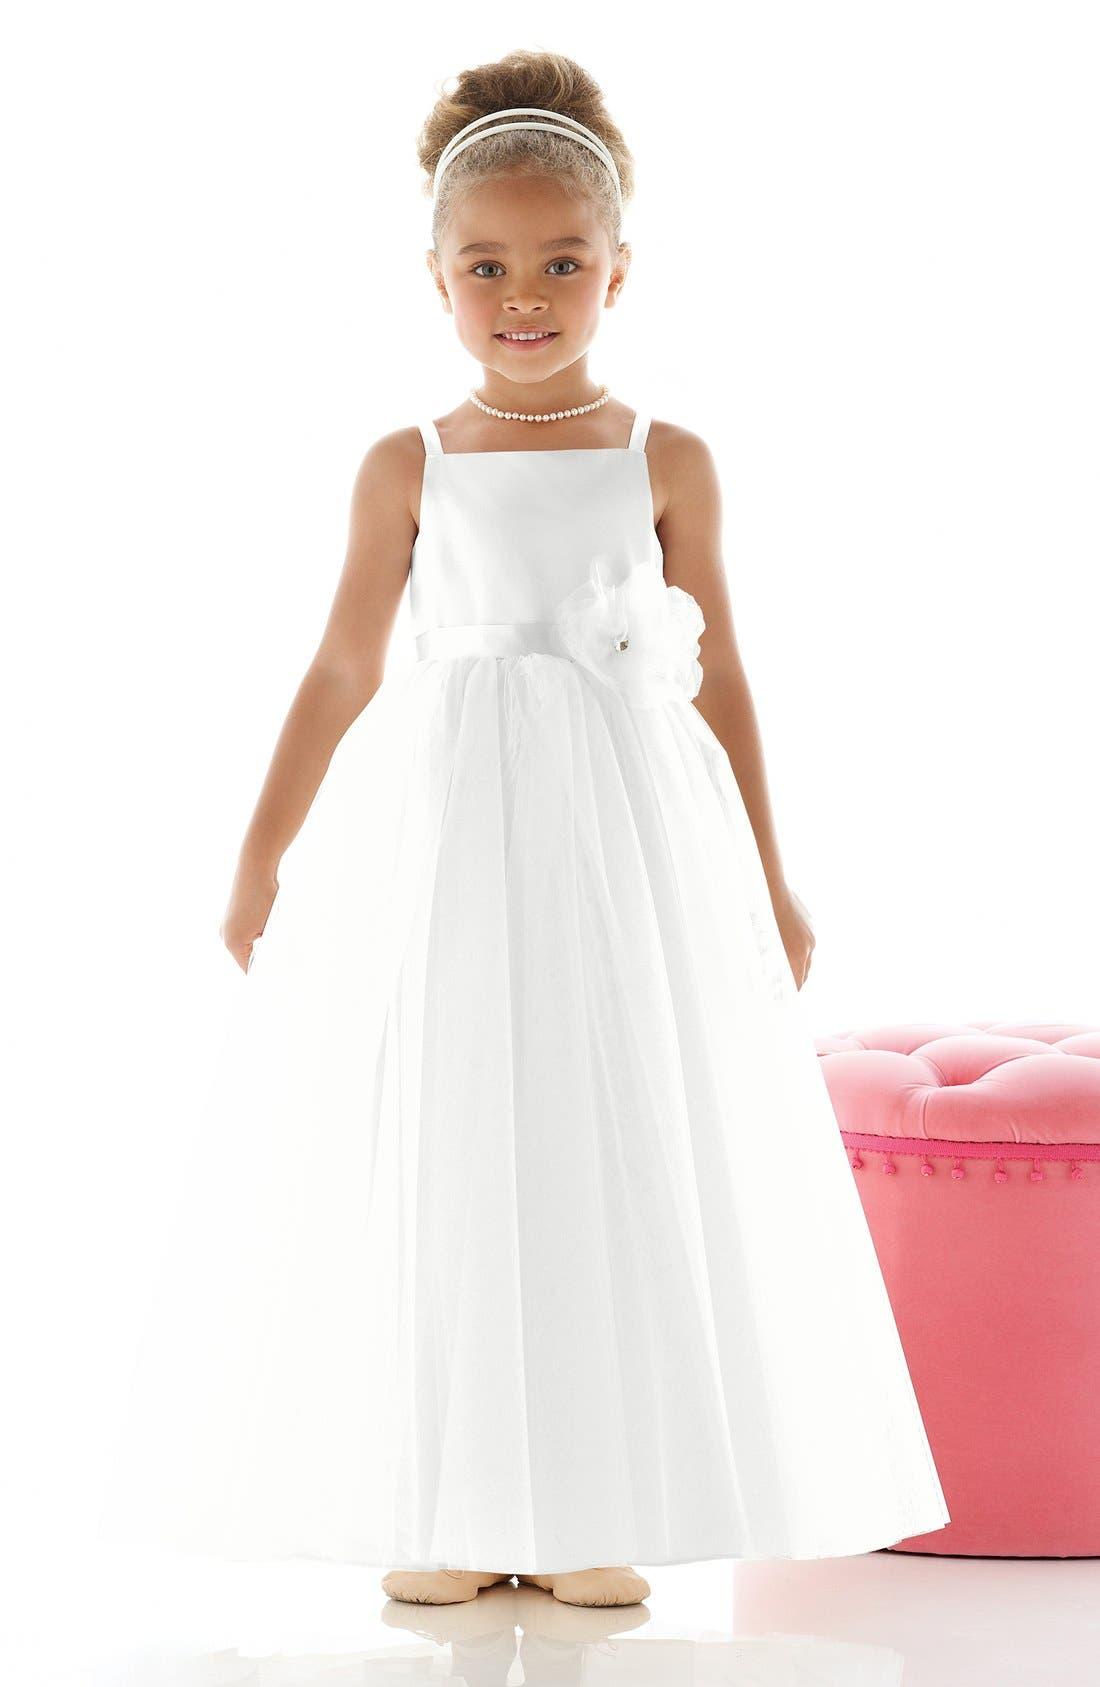 'Rose' Satin & Tulle Flower Girl Dress,                             Main thumbnail 1, color,                             White